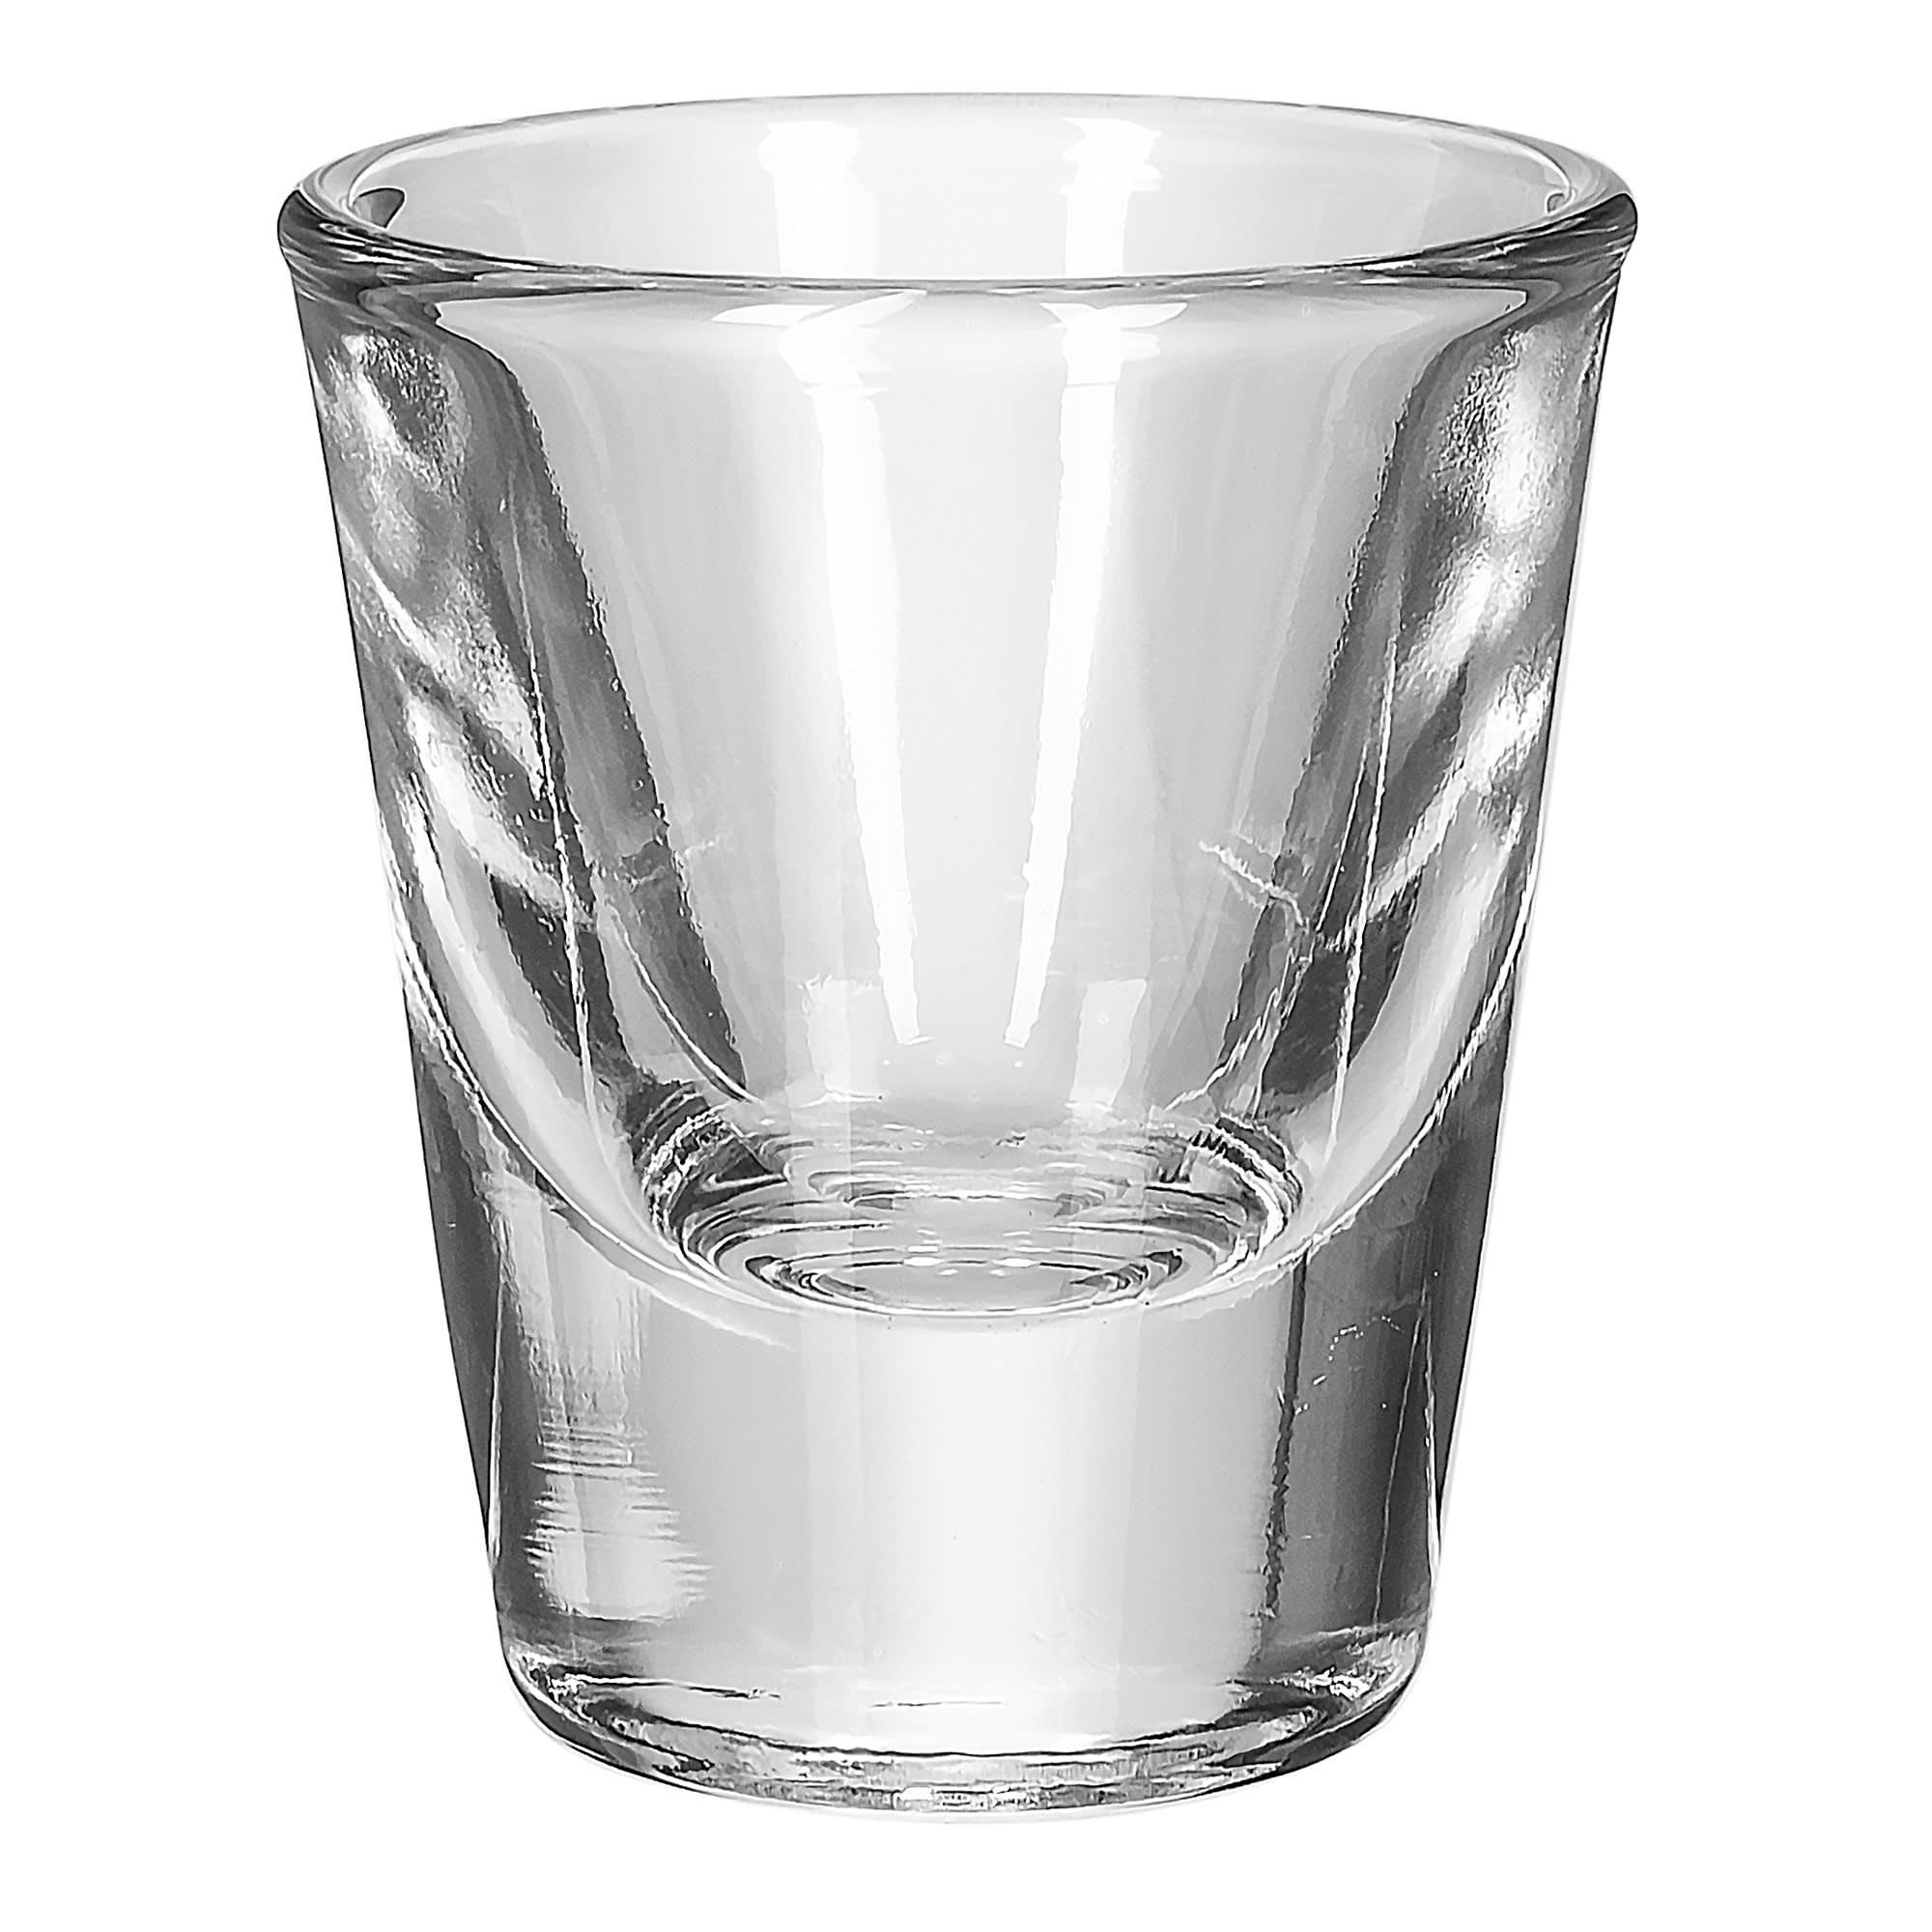 Libbey 5121 1.25 oz Whiskey Shot Glass